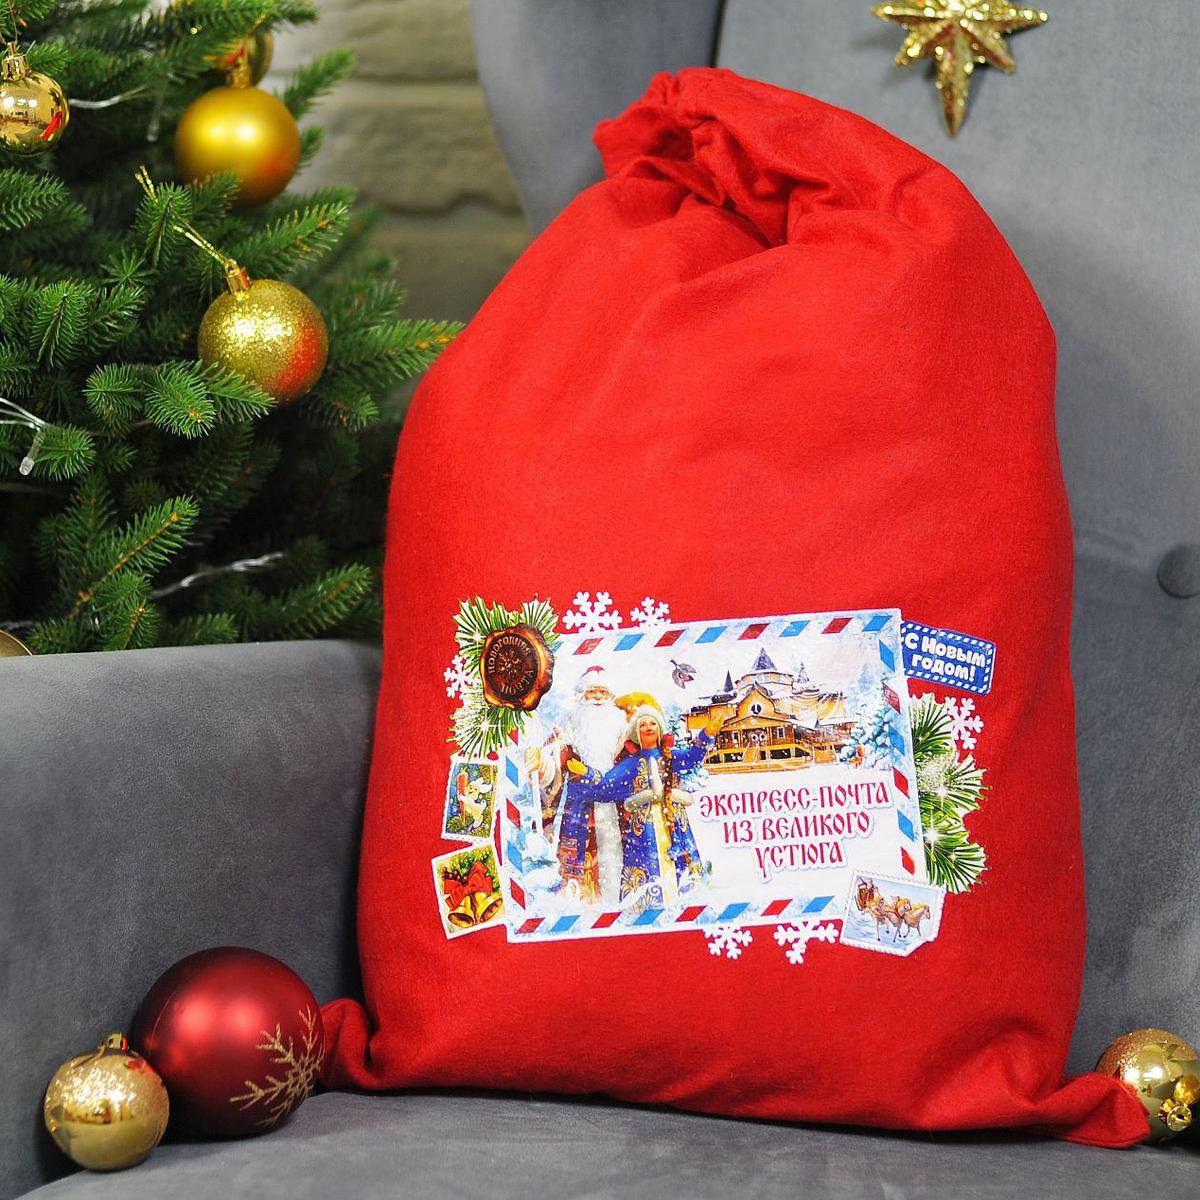 Упаковка подарочная Страна Карнавалия Мешок Деда Мороза. Экспресс почта, 40 х 60 см2226420Невозможно представить нашу жизнь без праздников! Мы всегда ждем их и предвкушаем, обдумываем, как проведем памятный день, тщательно выбираем подарки и аксессуары, ведь именно они создают и поддерживают торжественный настрой. Мешок — это отличный выбор, который привнесет атмосферу праздника в ваш дом!